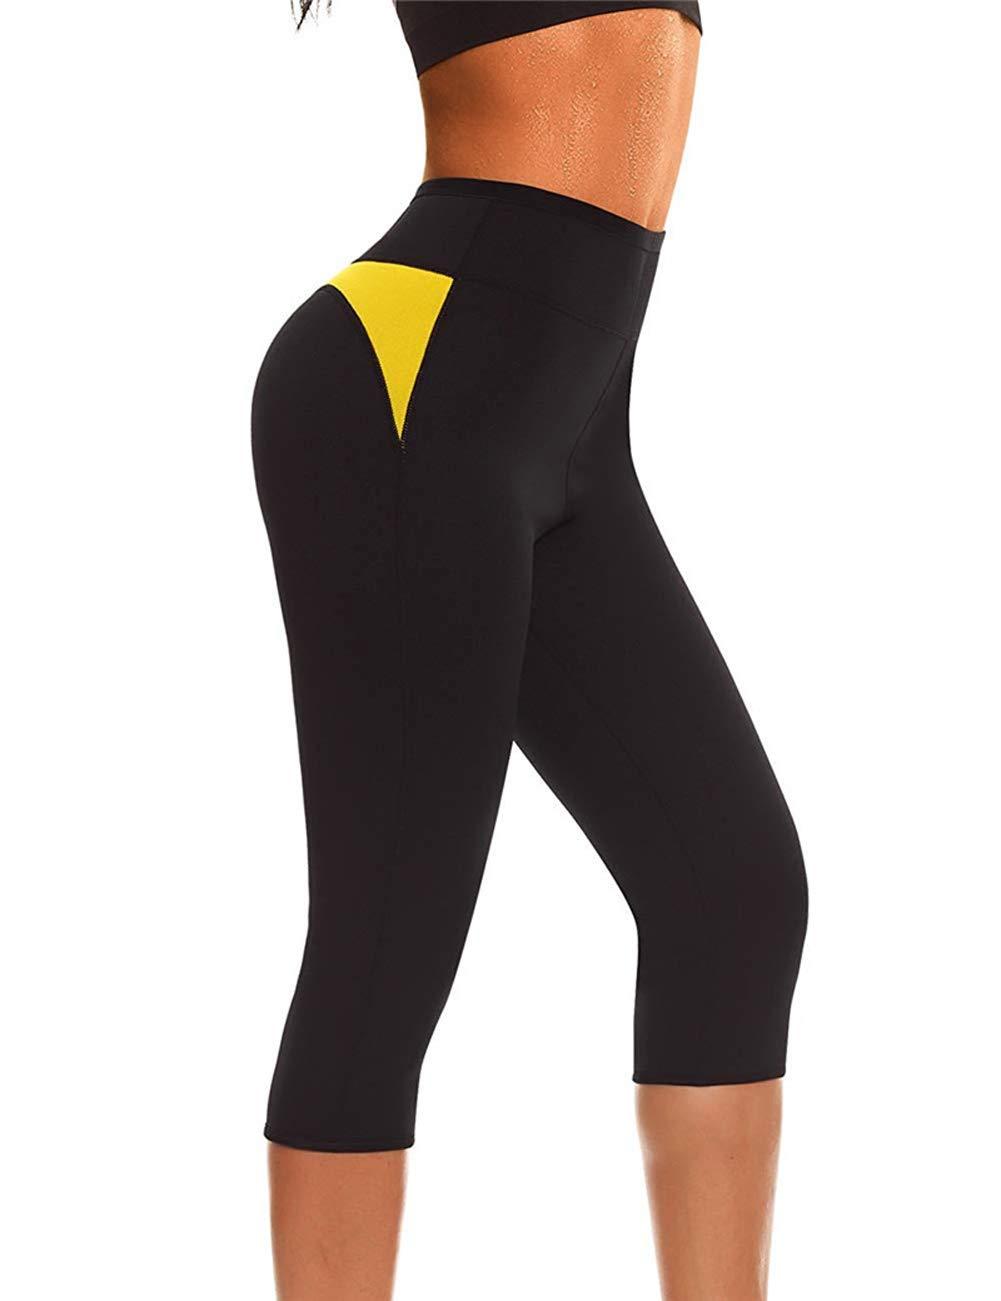 QIGAOZU Pantalones Calientes Vientre Control Bragas Adelgazante Corto Neopreno Sudor Cuerpo Shaper Entrenamiento Cintura Entrenador Butt Levantador Medias Capris